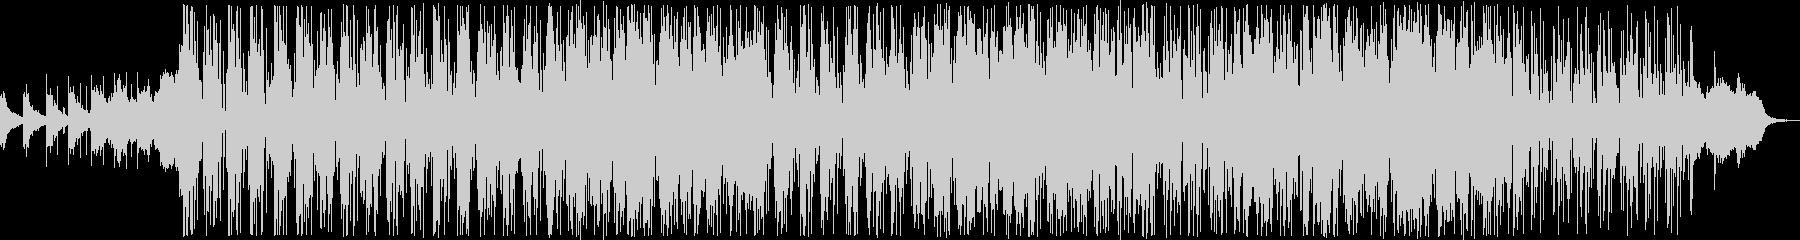 オリエンタルな雰囲気のバラード2の未再生の波形